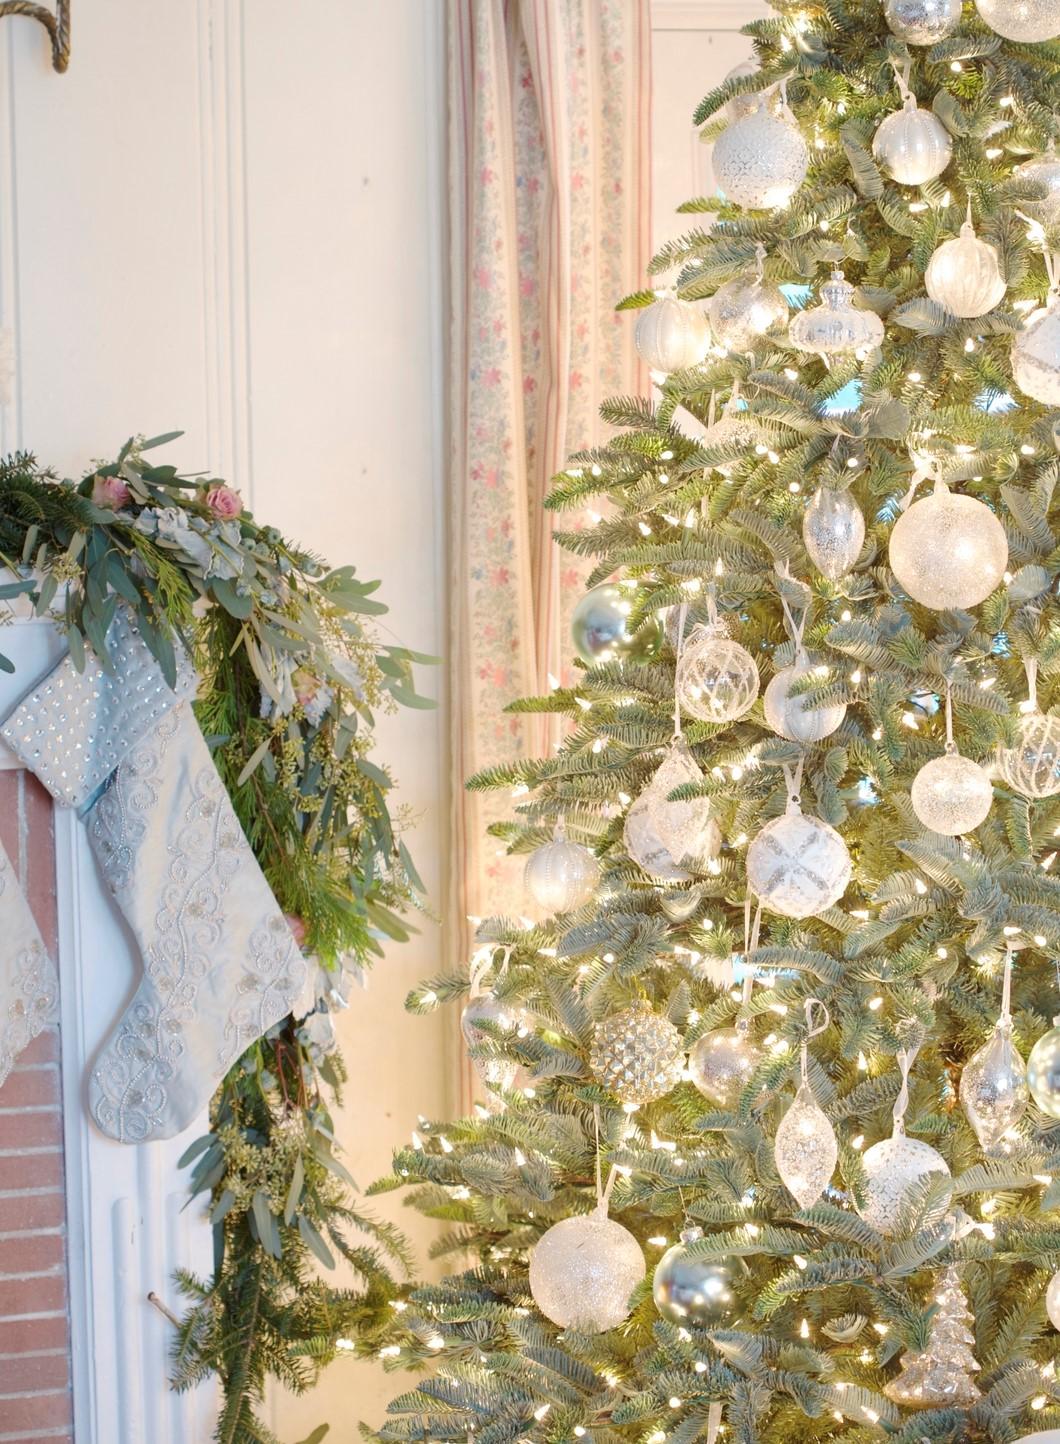 Vous pouvez également créer cet effet avec un arbre de Noël vivant classique.